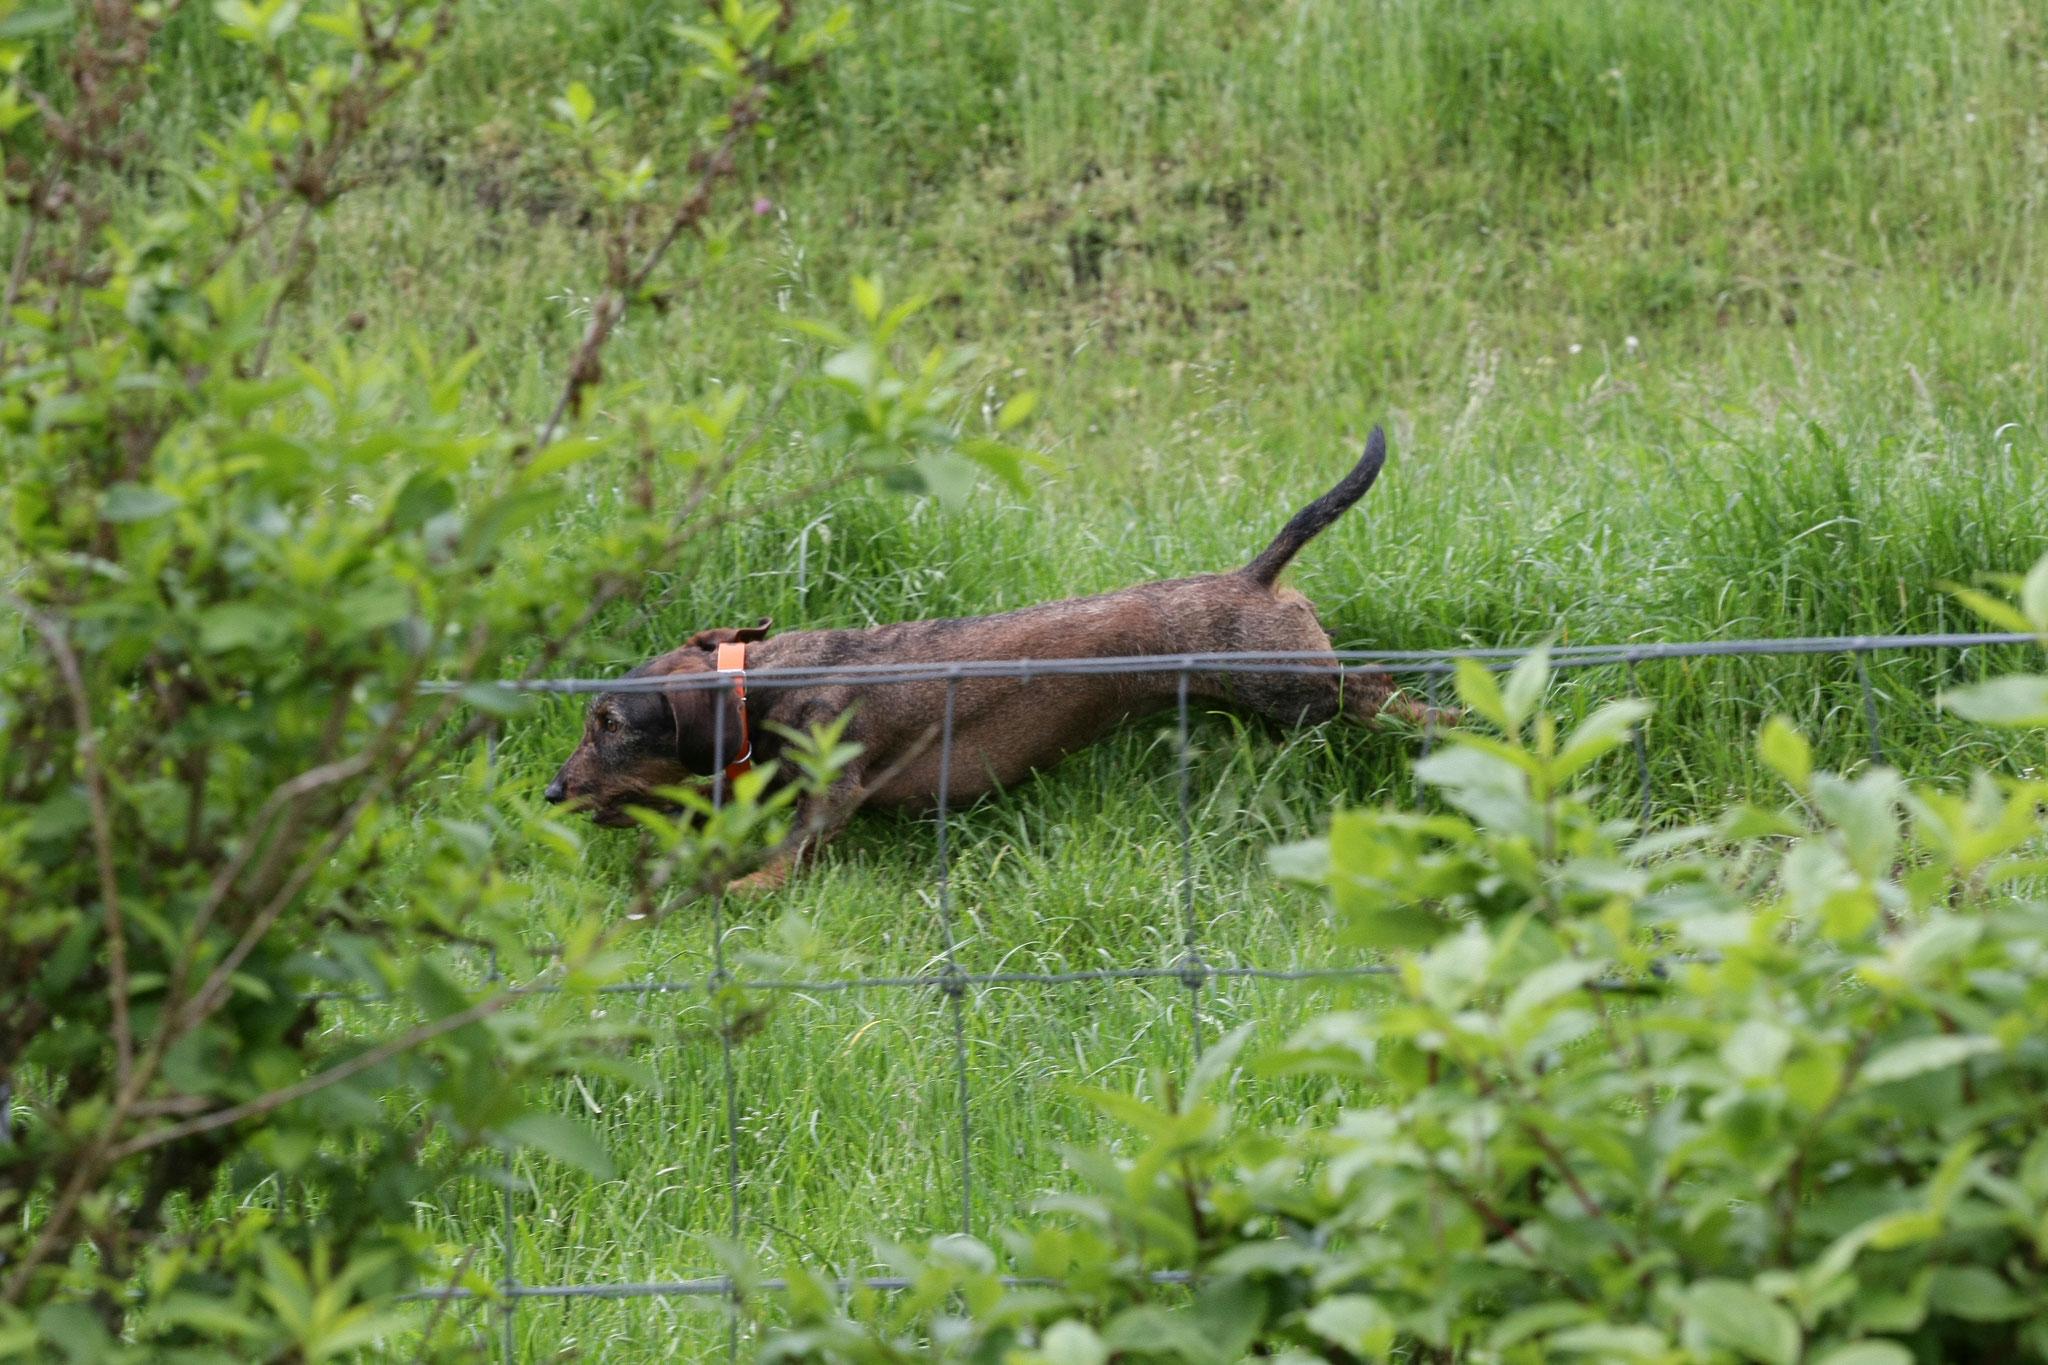 Quinn beim Verloren suchen von einem Fuchsapportel